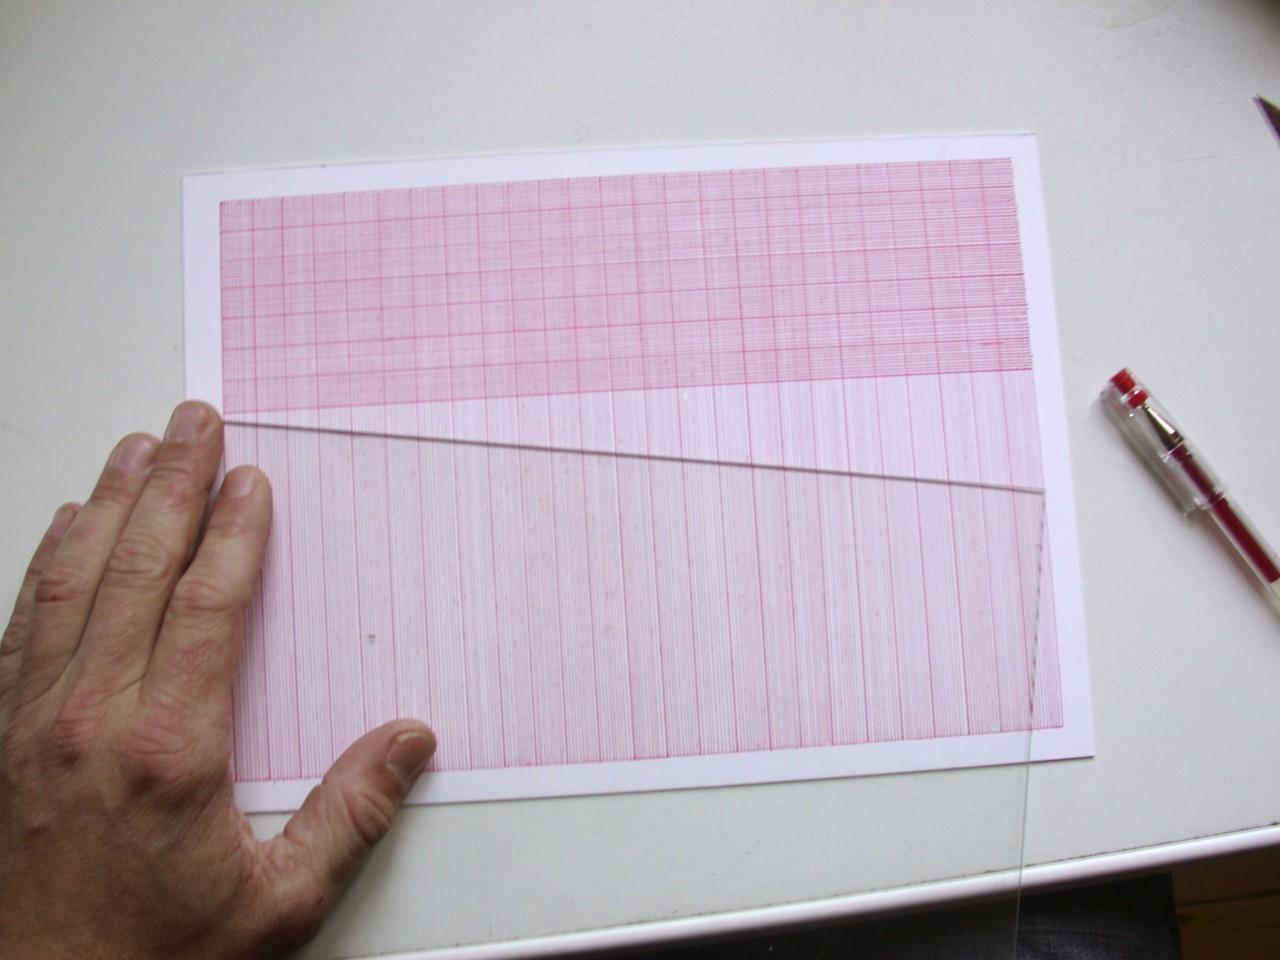 ›Millimeterpapiere‹ Handzeichnungen seit 2005